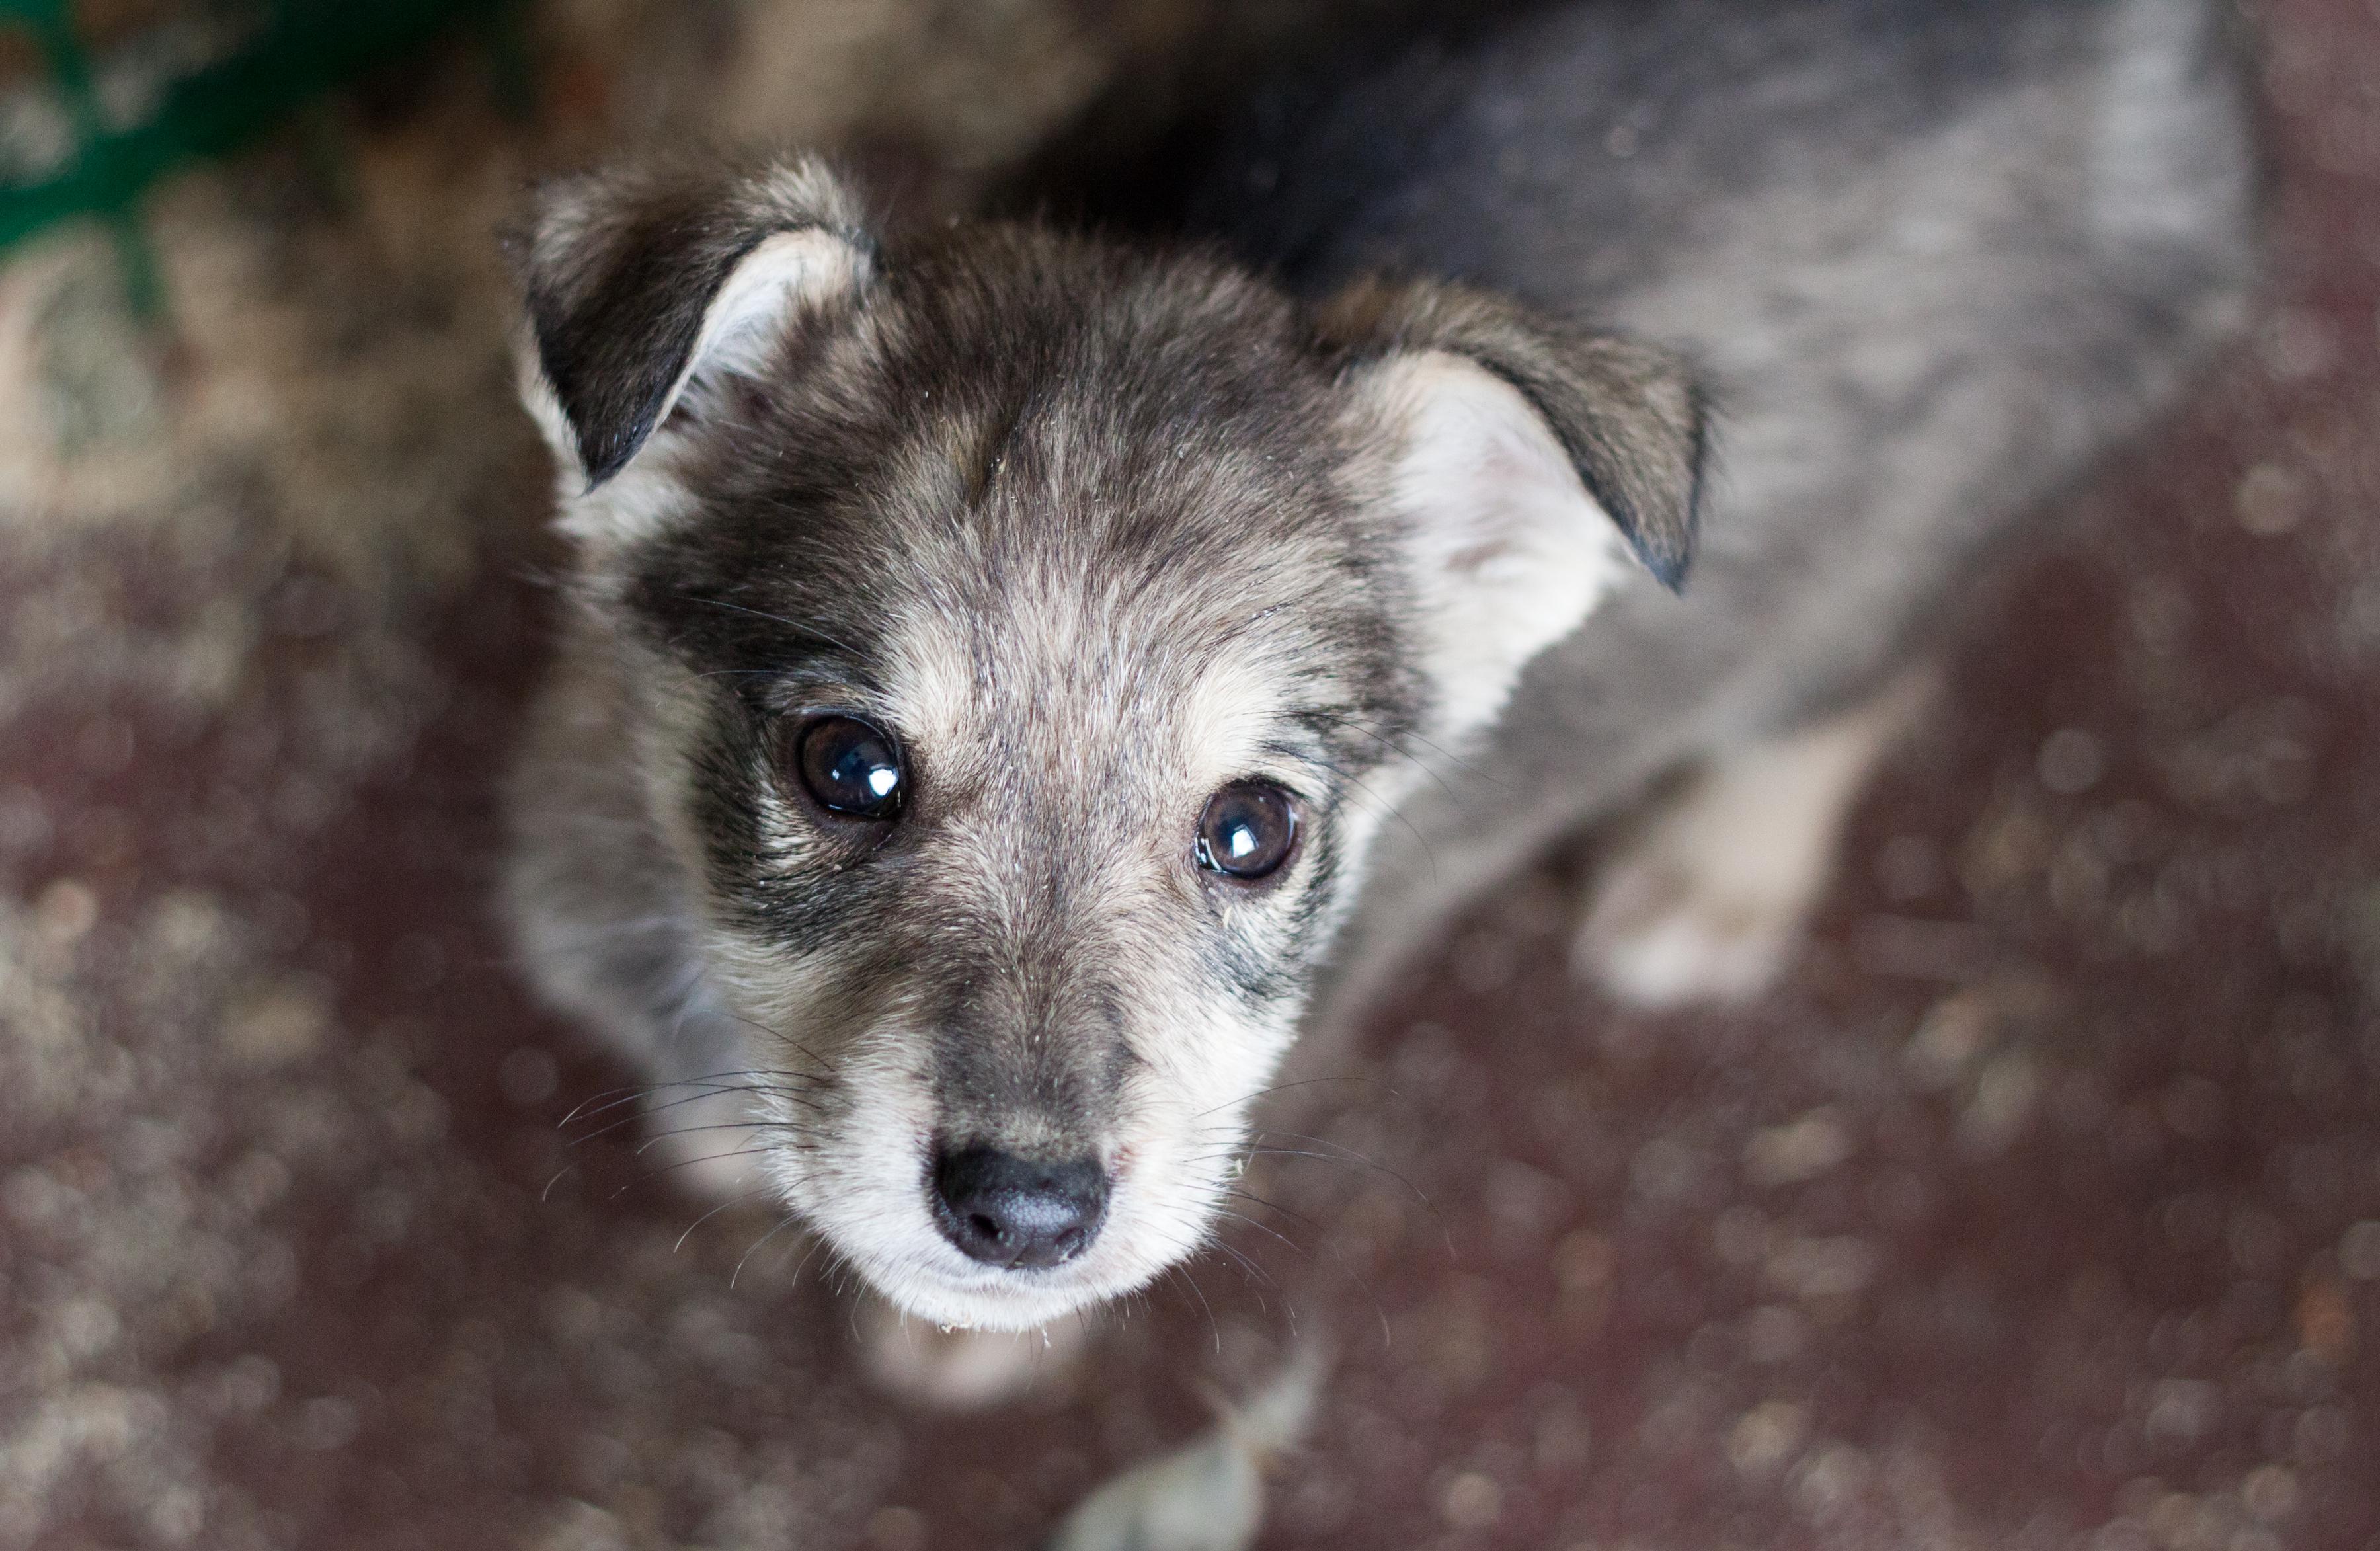 ВВоронеже выбрали новое место под приют для бездомных животных